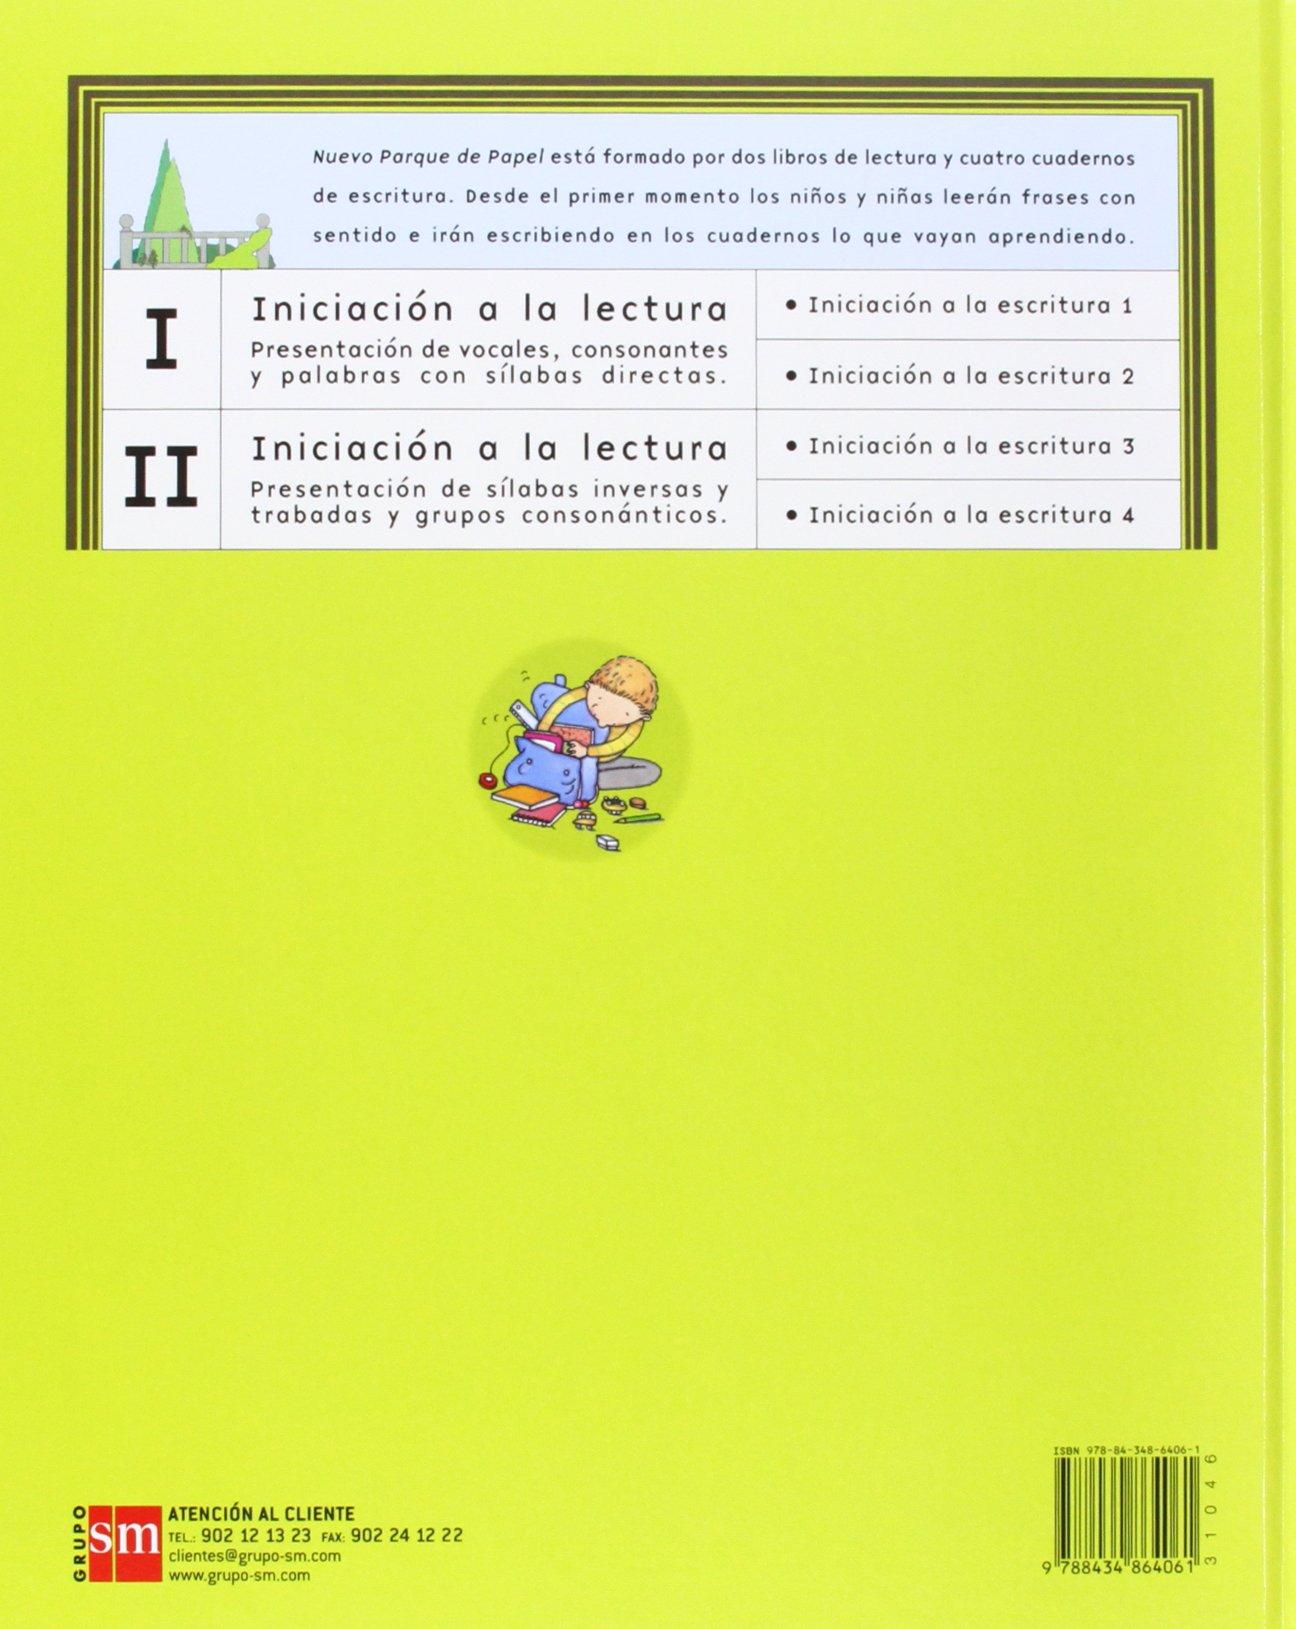 Iniciación a la lectura II. Nuevo parque de papel - 9788434864061:  Amazon.es: María Castillo, Emilio Sanjuán: Libros